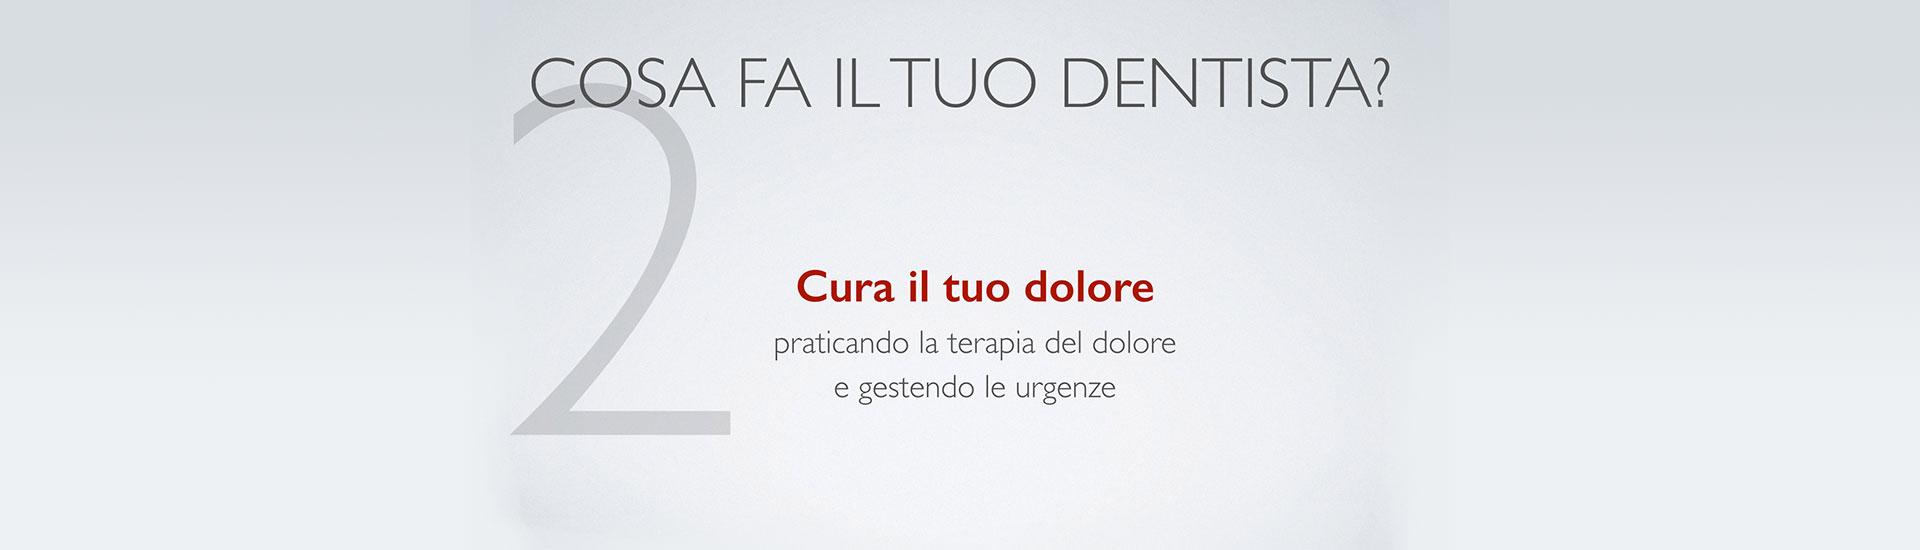 Cosa fa il tuo dentista? Punto 2